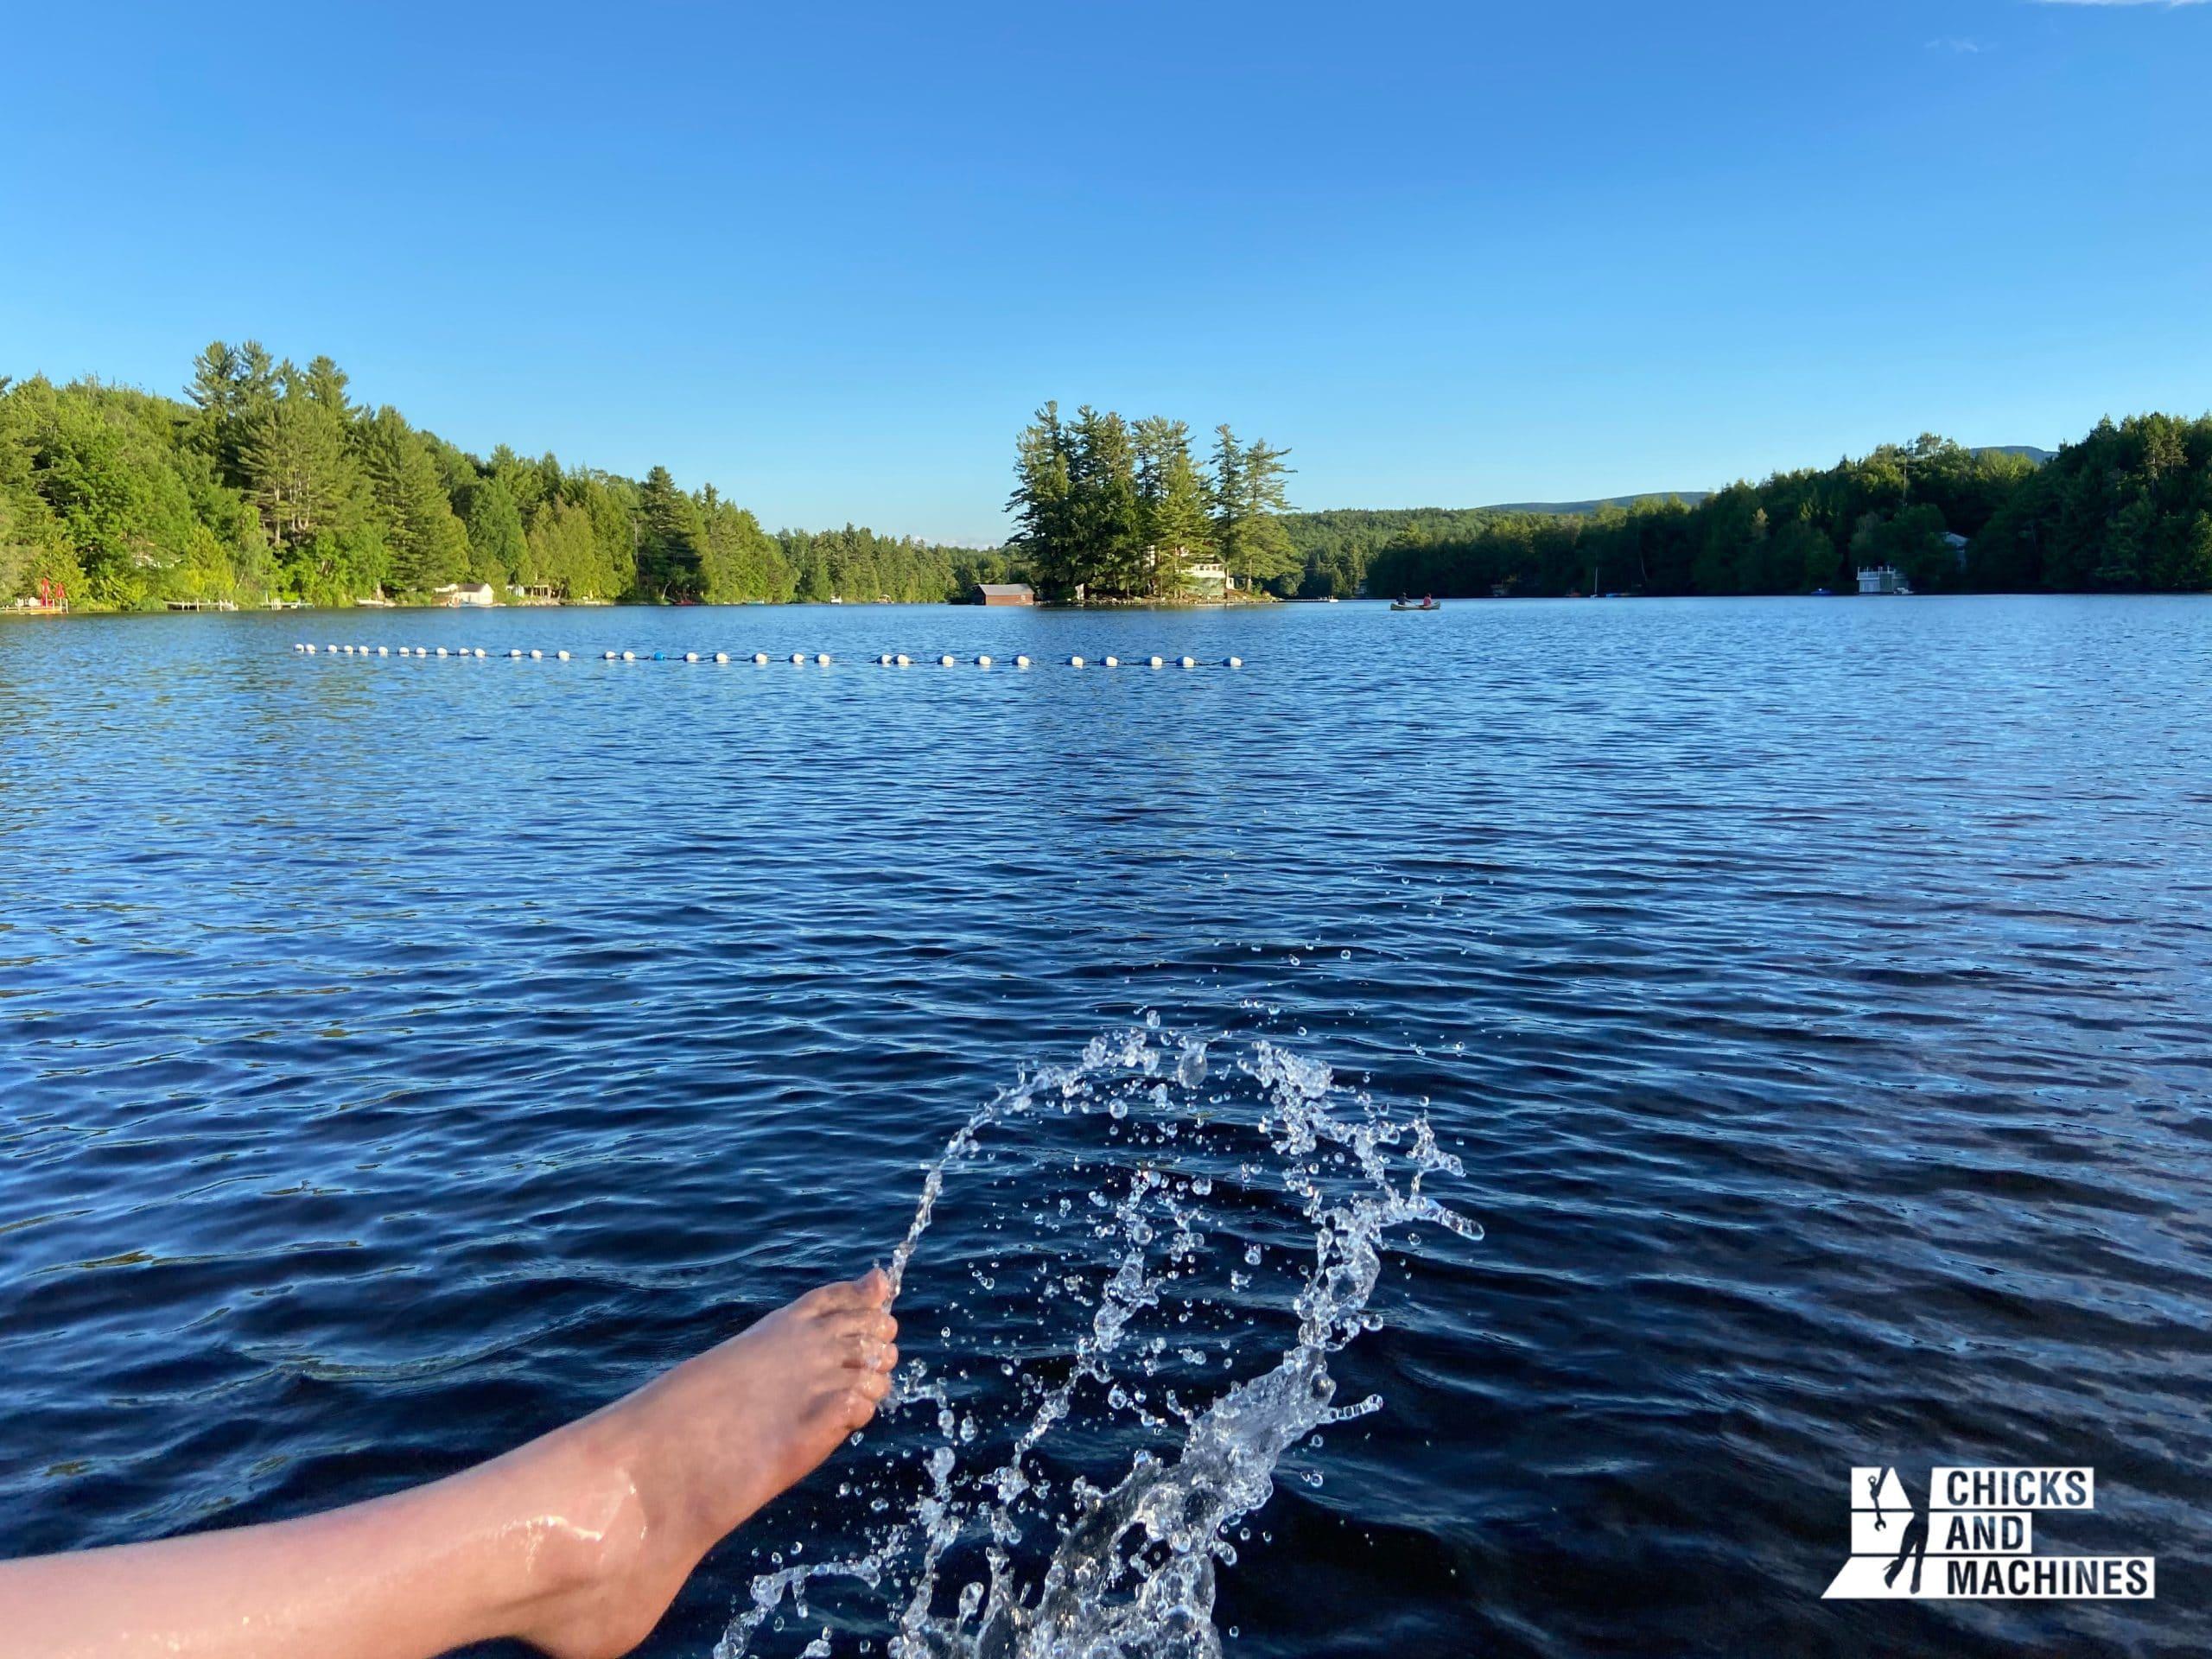 Le Lac Libby n'accepte pas les embarcations à moteur, en faisant un endroit très paisible